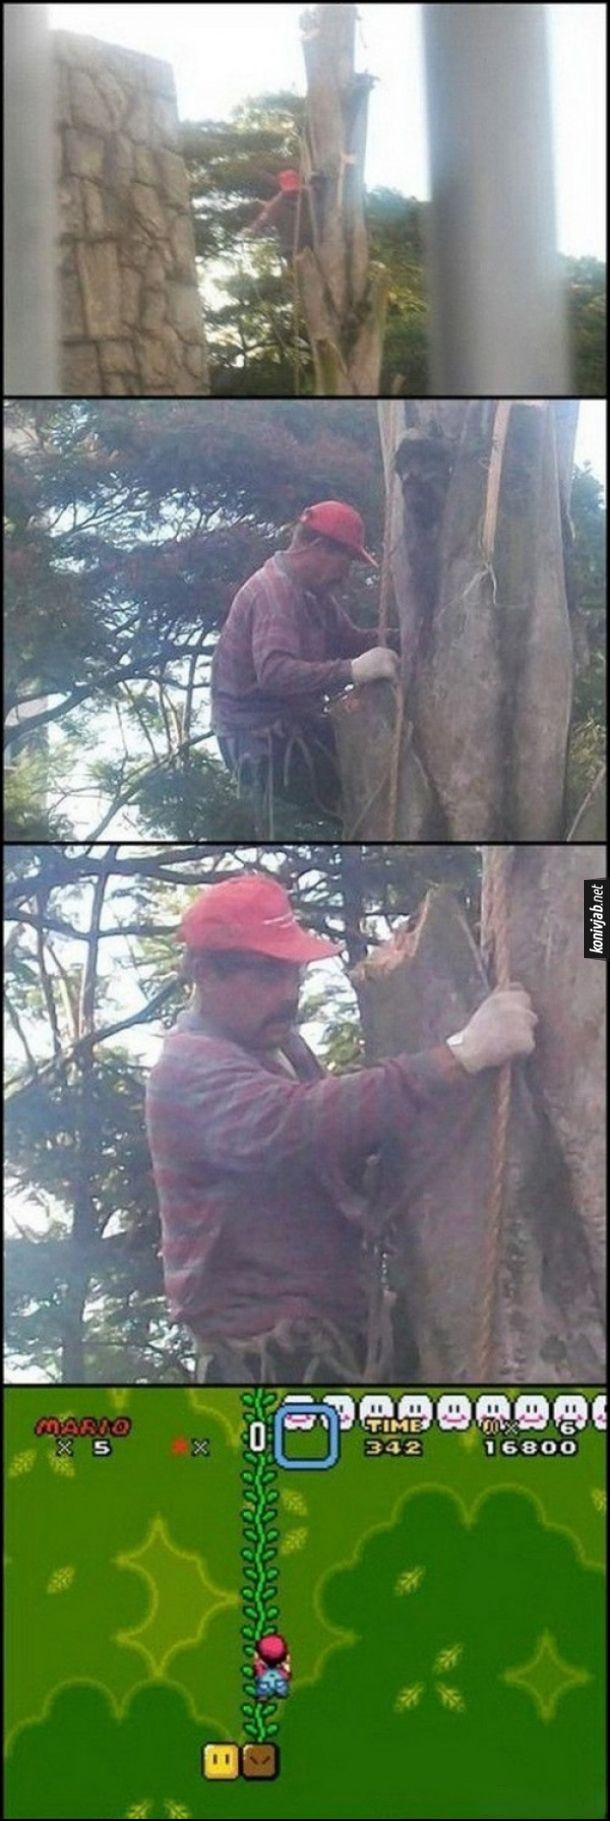 Чоловік схожий на Маріо (з комп'ютерної гри Супер Маріо) лізе по дереву